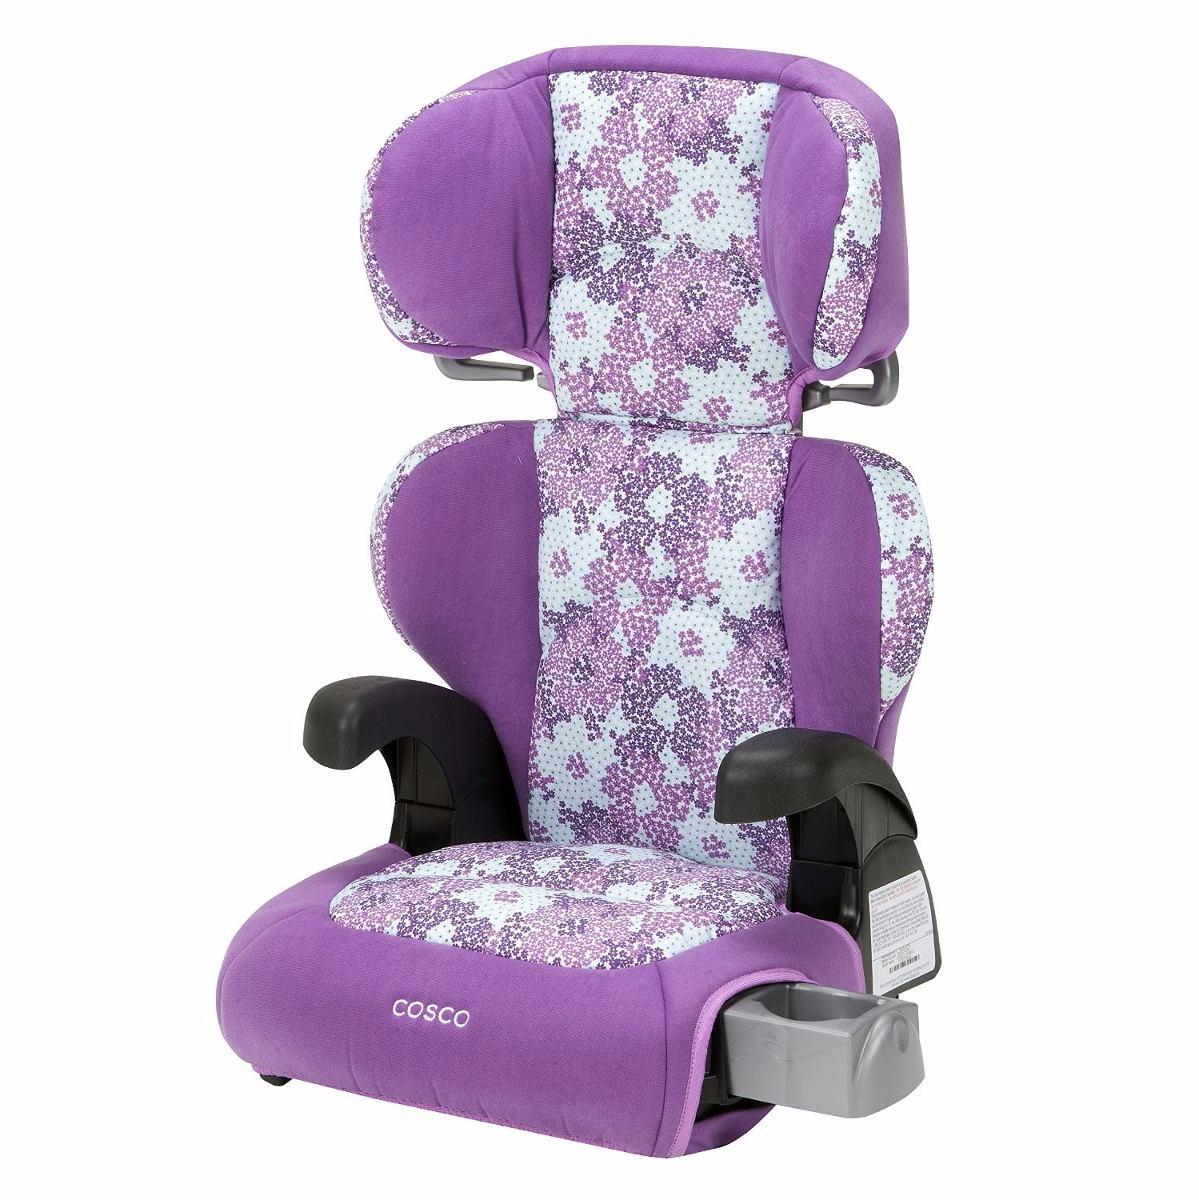 Auto asiento infantil booster cosco juvenil petal pallet for Asiento infantil para auto